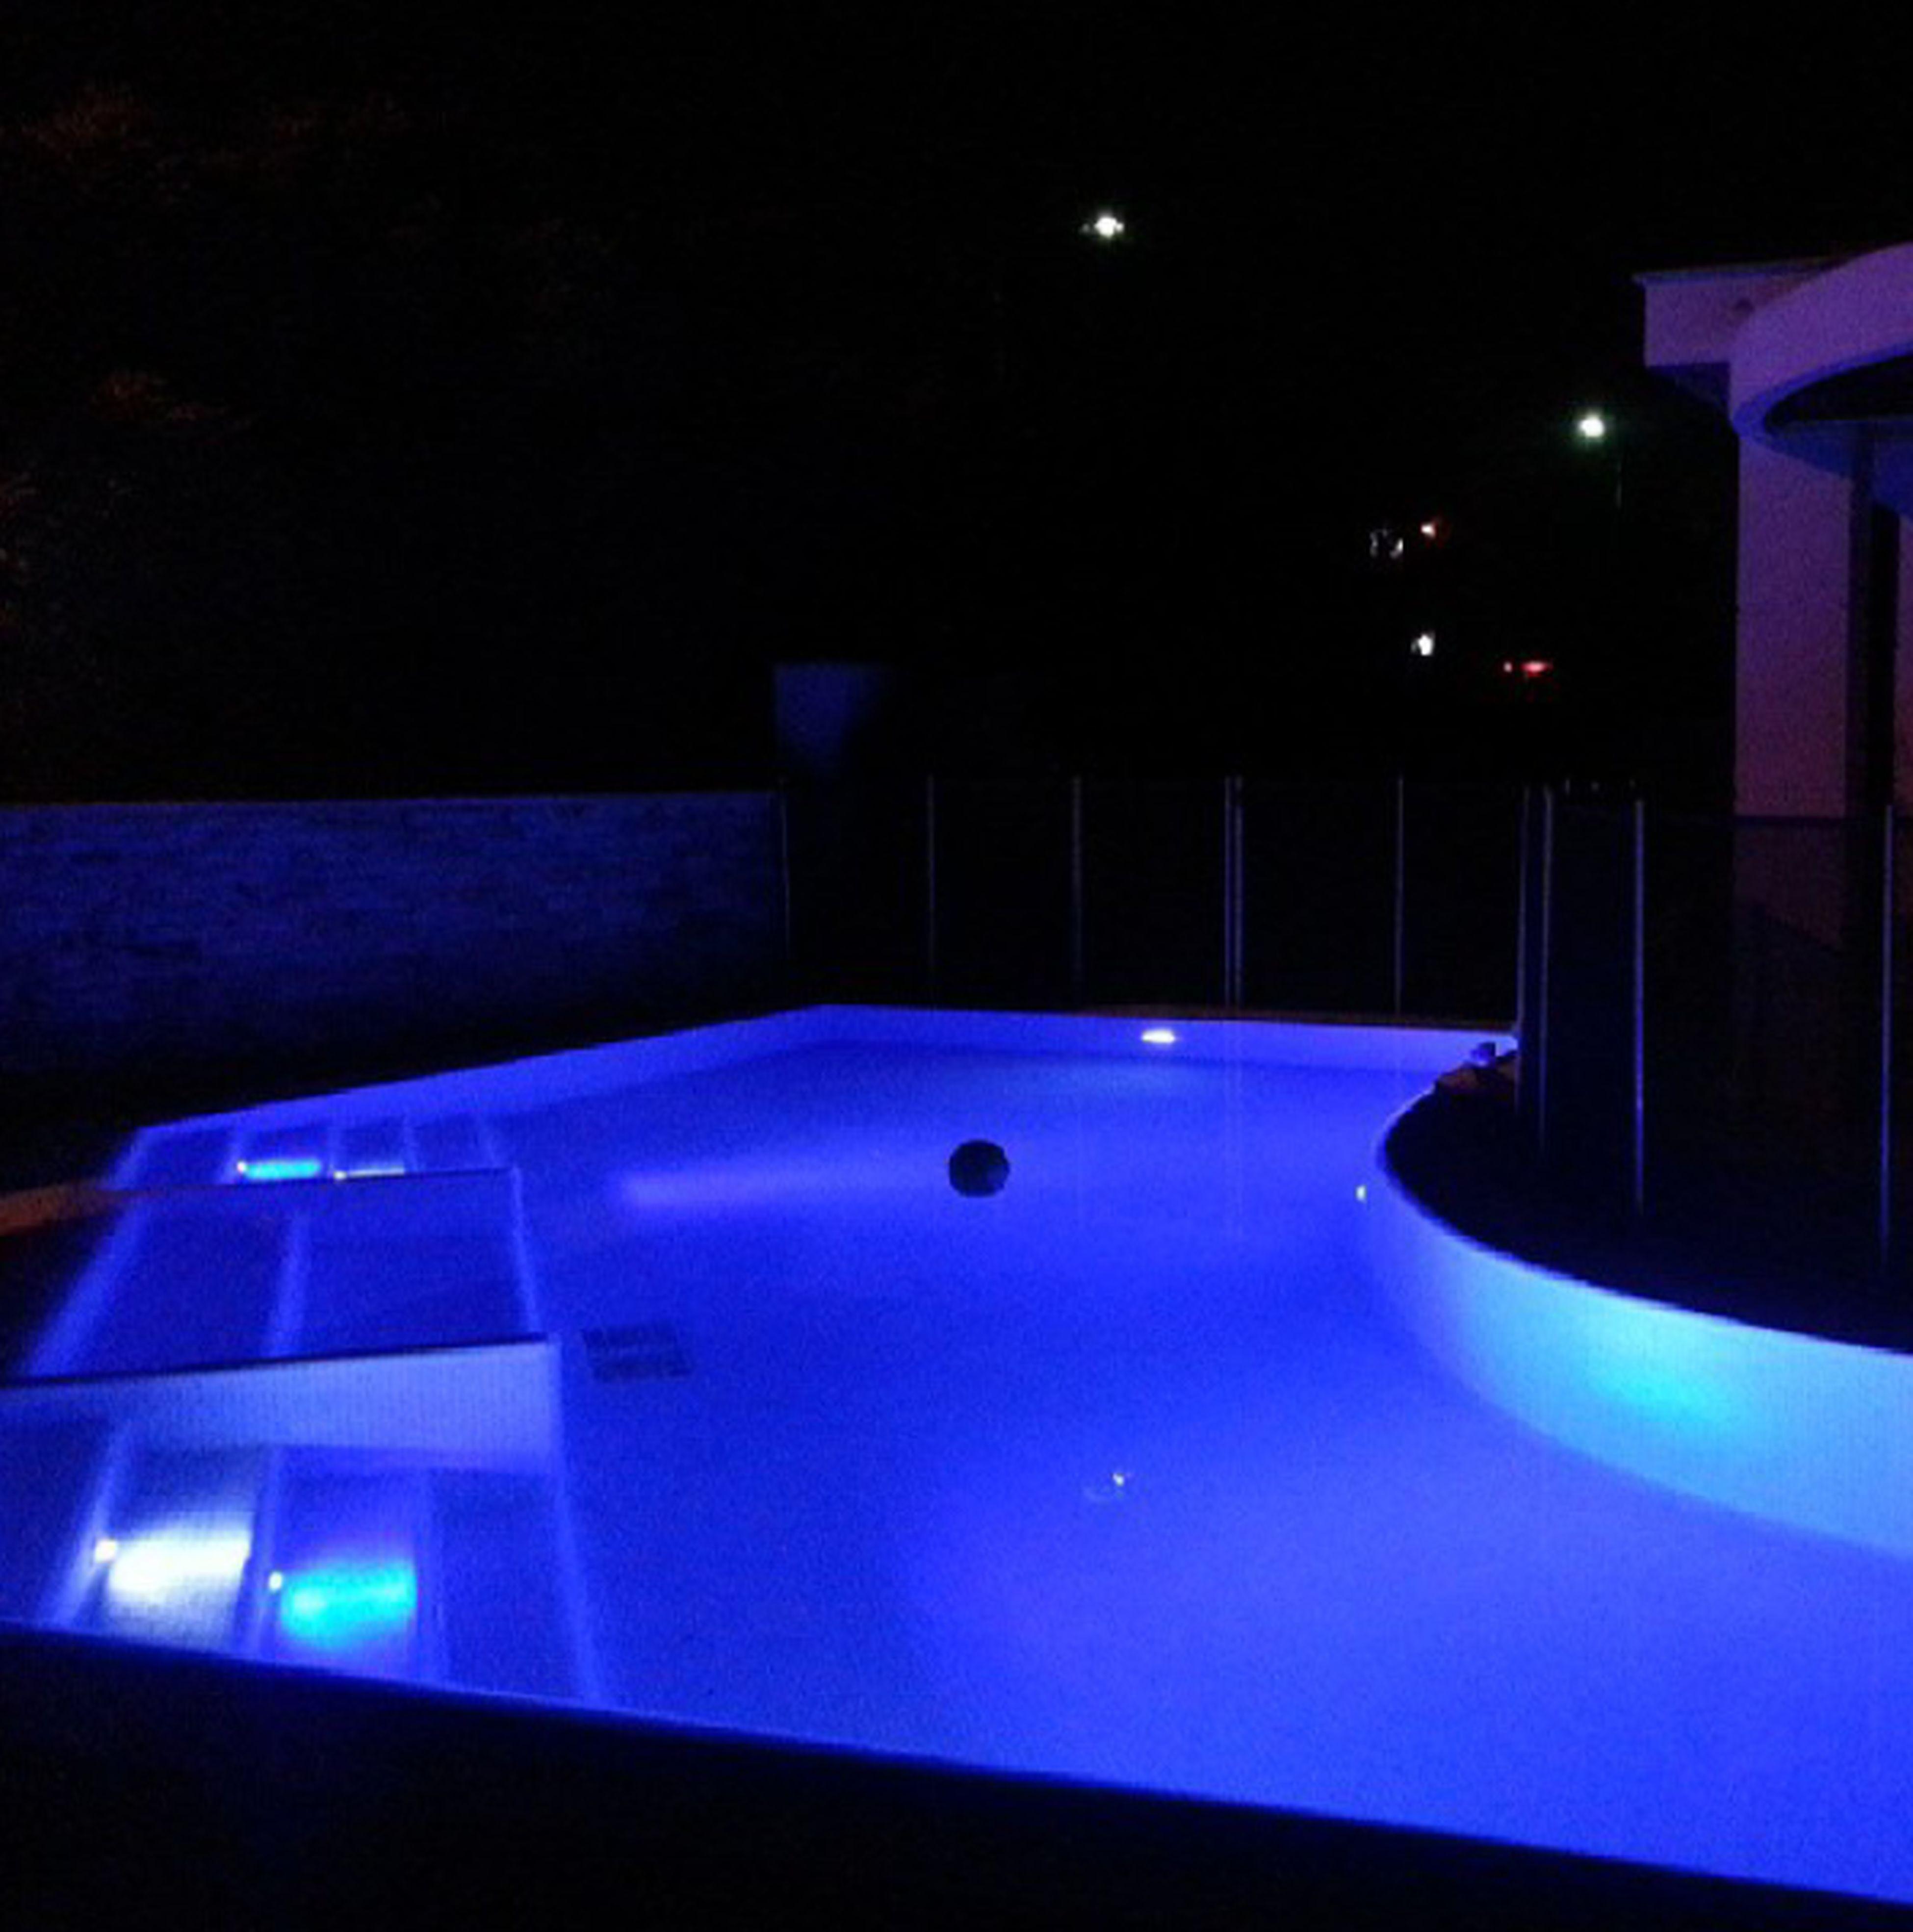 Summerhouse Pool Party ızmir Relaxing yaz bitiyor sezonu yavaş yavaş kapatma vakti :)